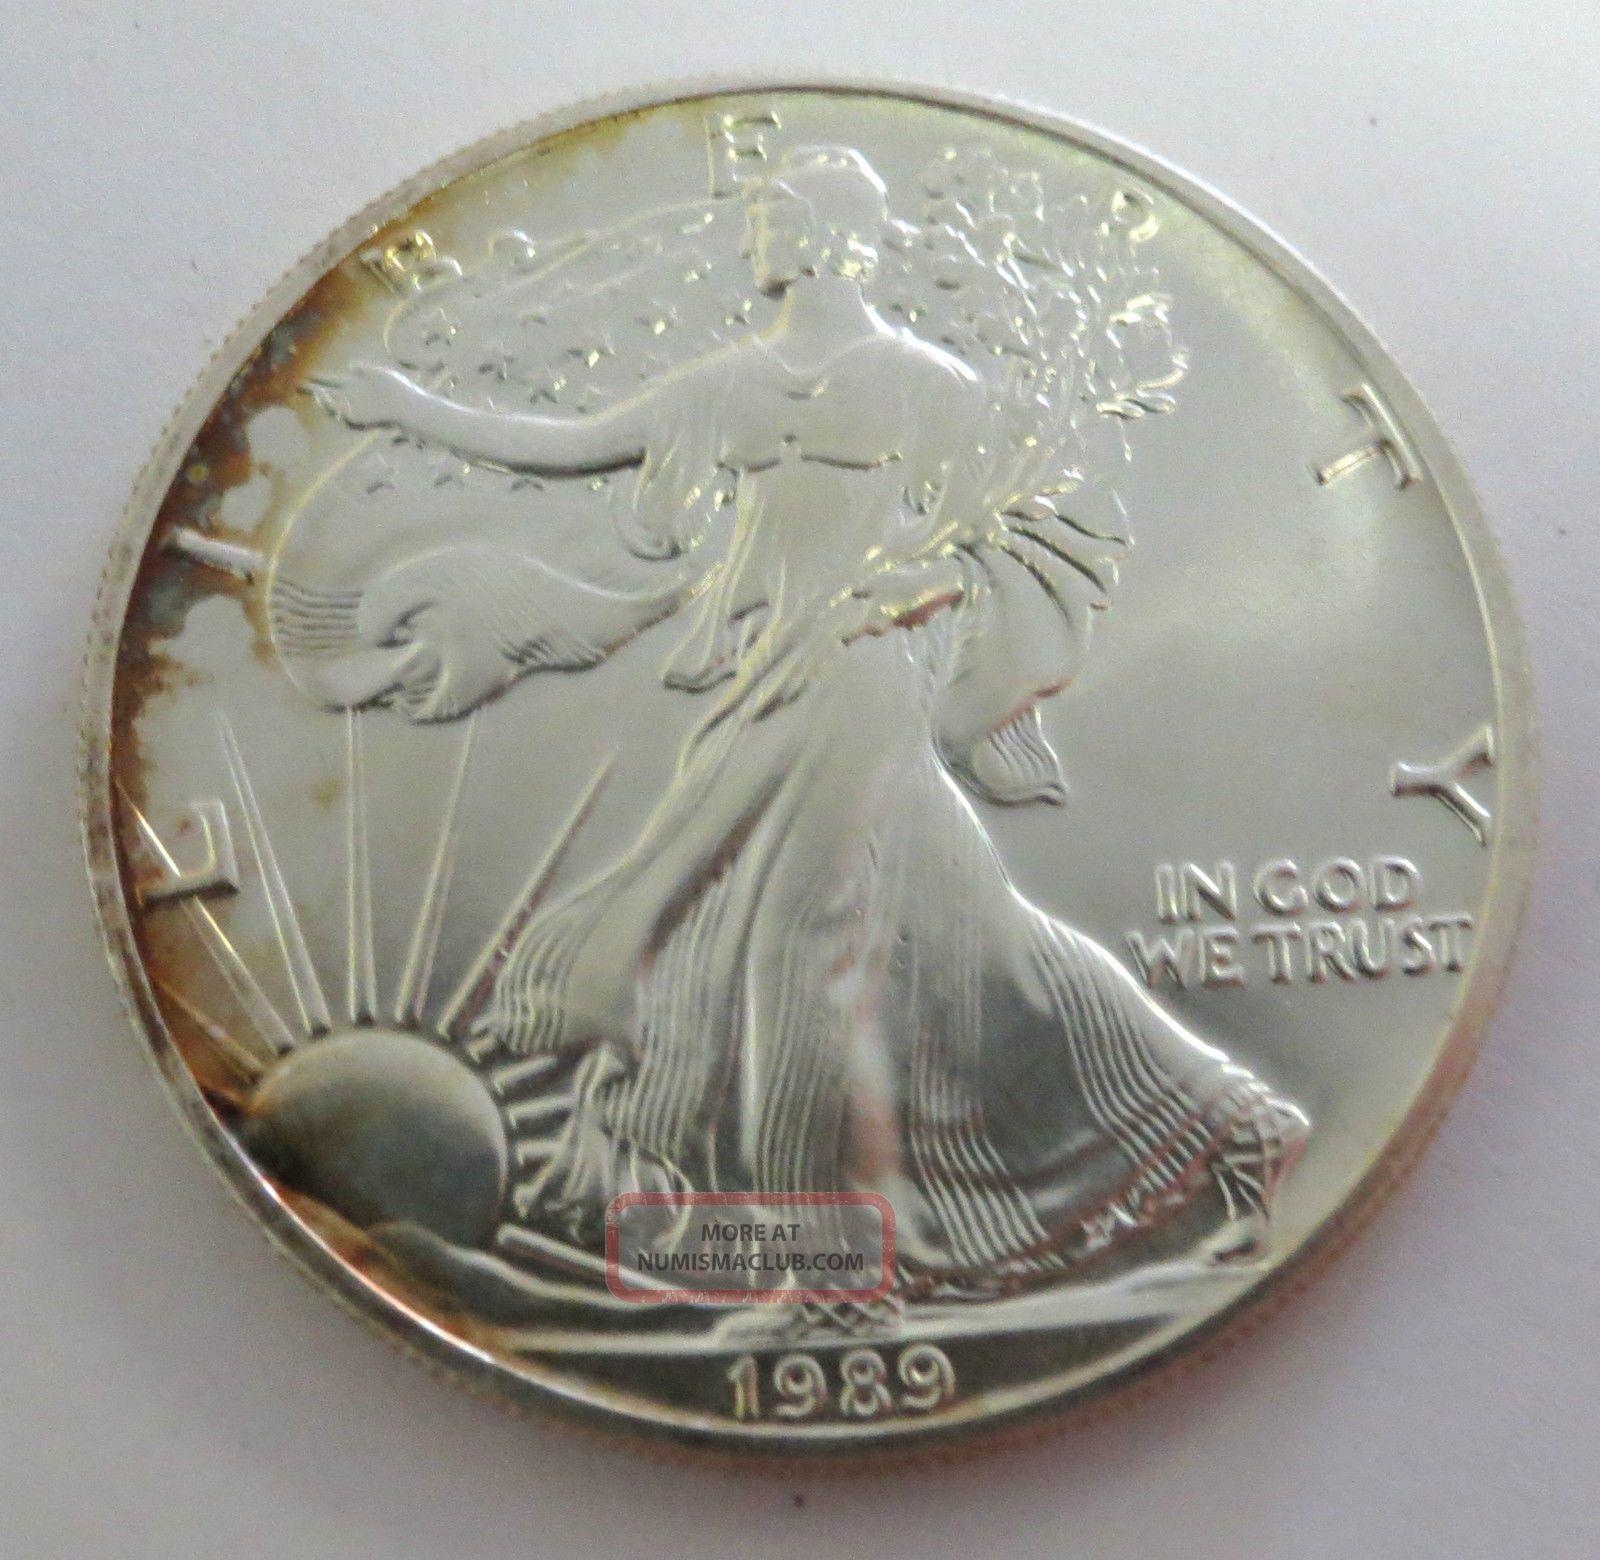 1989 Silver American Eagle 1 Ozt 999 Fine Silver Coin